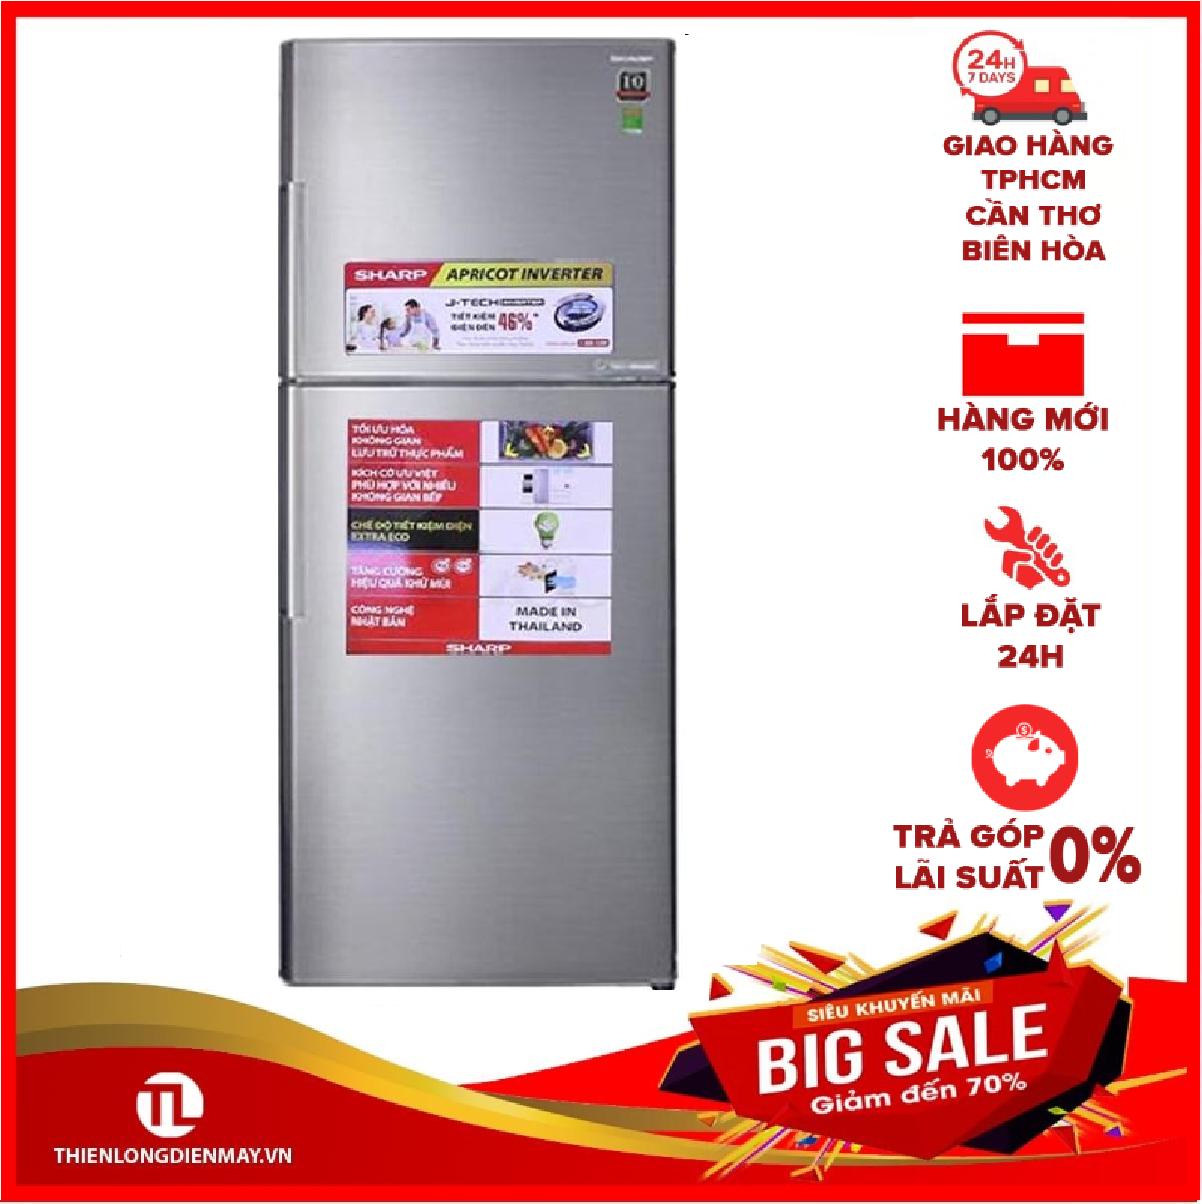 [GIAO HÀNG 2 – 15 NGÀY, TRỄ NHẤT 15.08] [Trả góp 0%]Tủ lạnh Sharp Inverter 314 lít SJ-X316E-SL